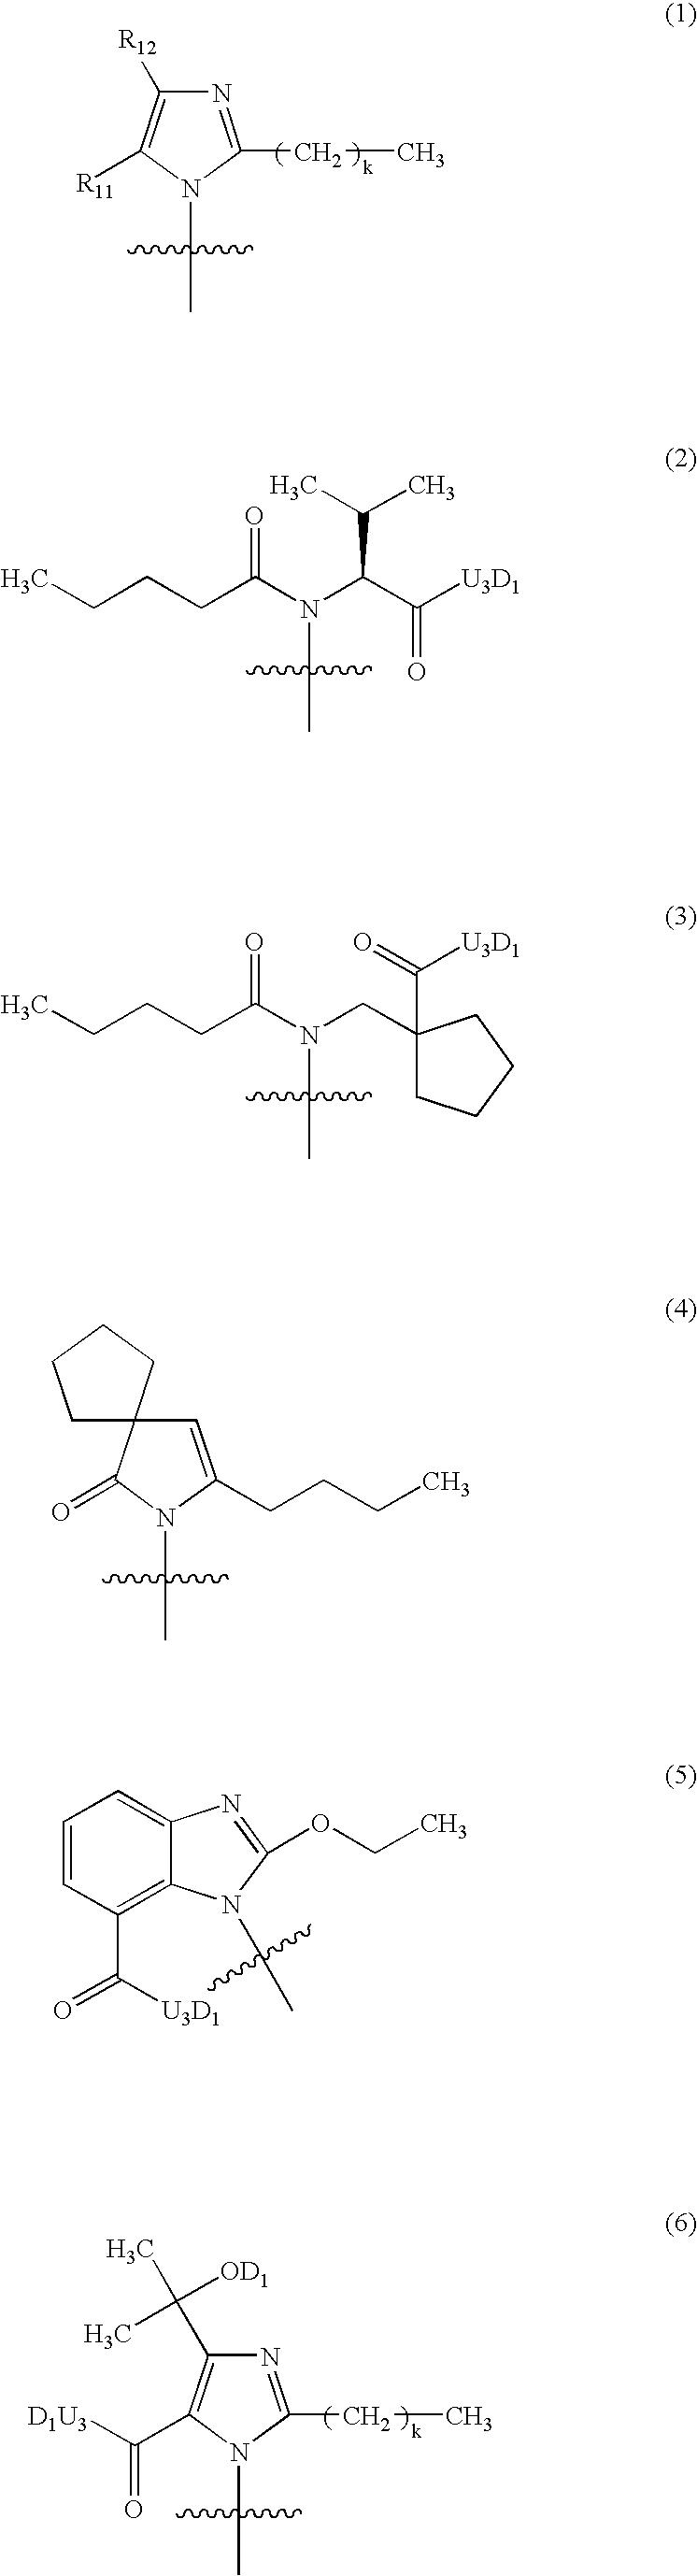 Figure US20070238740A1-20071011-C00053